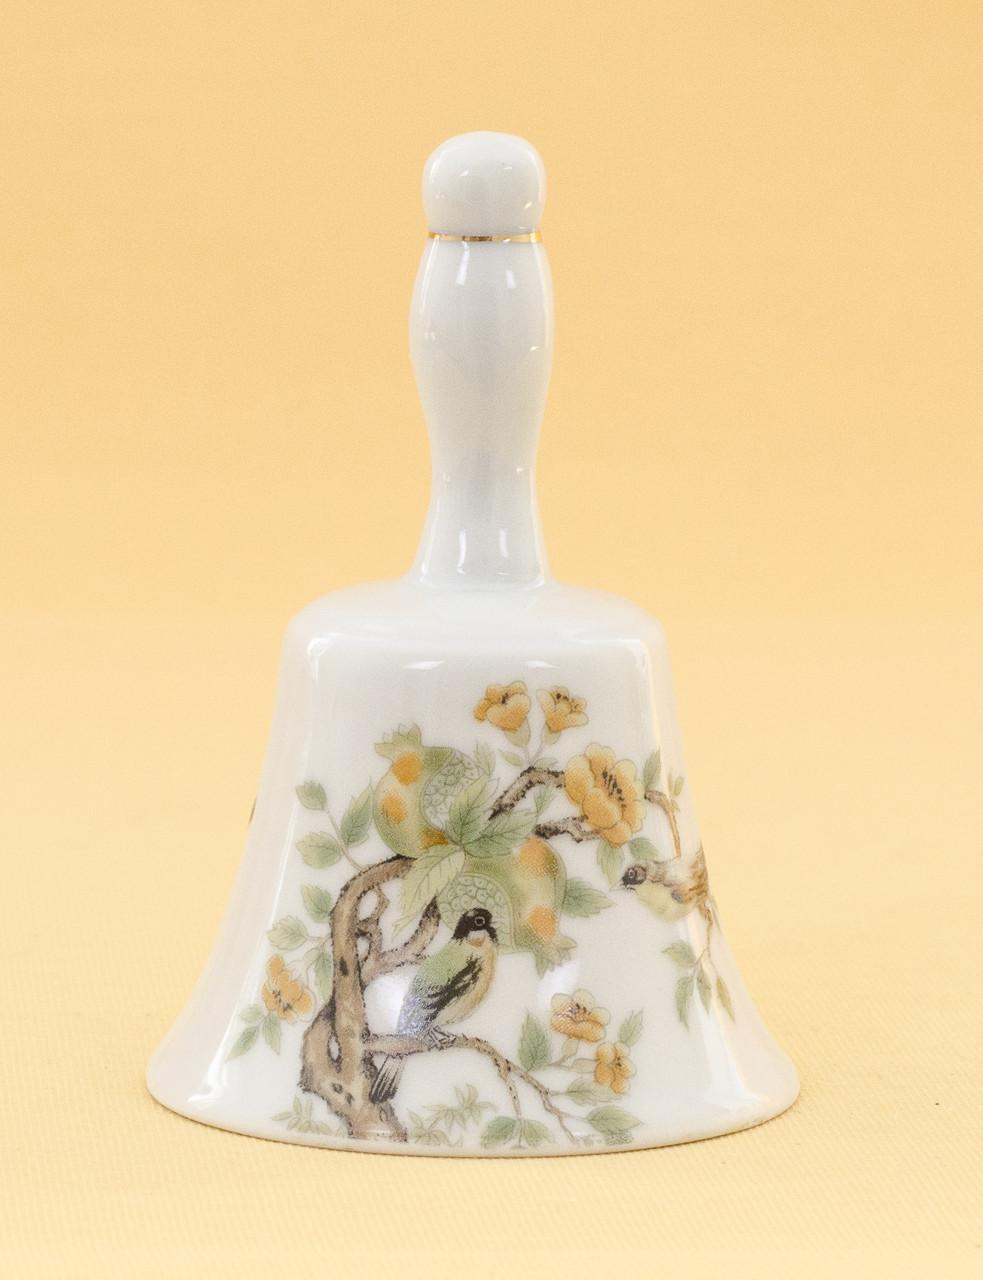 Винтажный коллекционный колокольчик, фарфор, Япония?